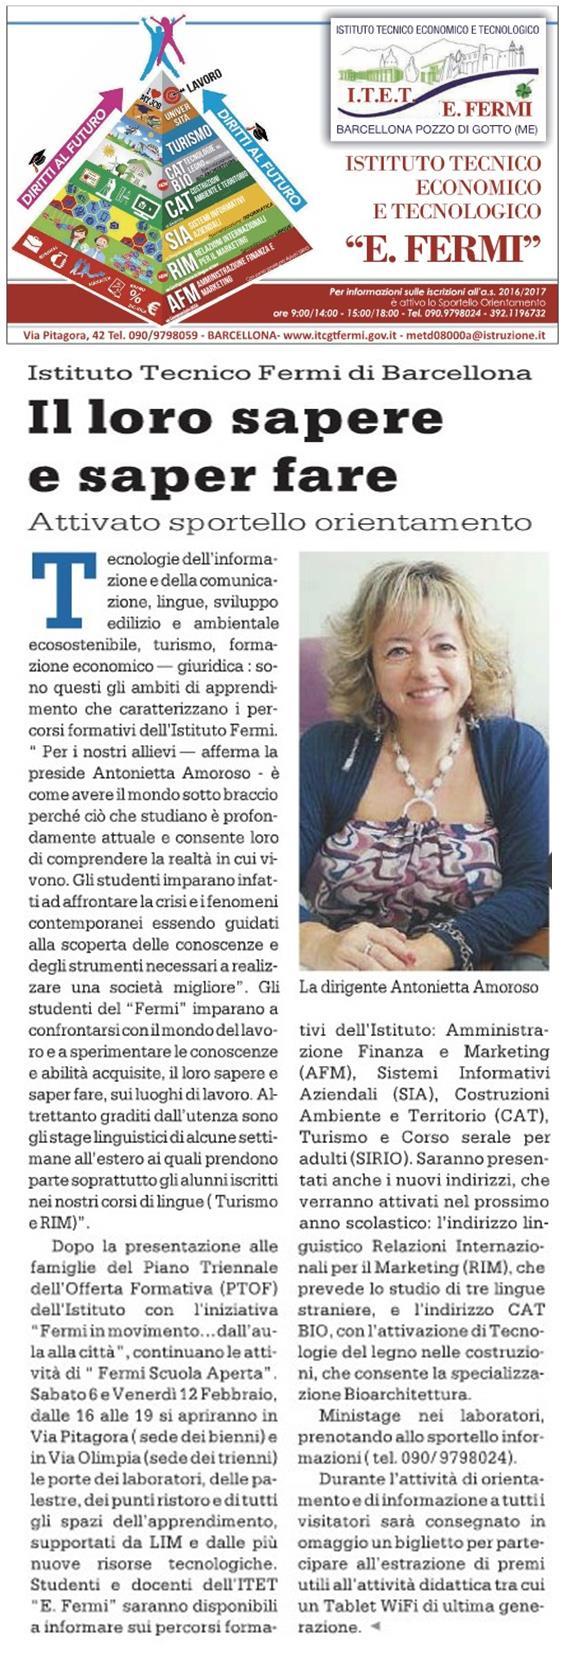 30_01_2016 - Articolo Gazzetta del Sud